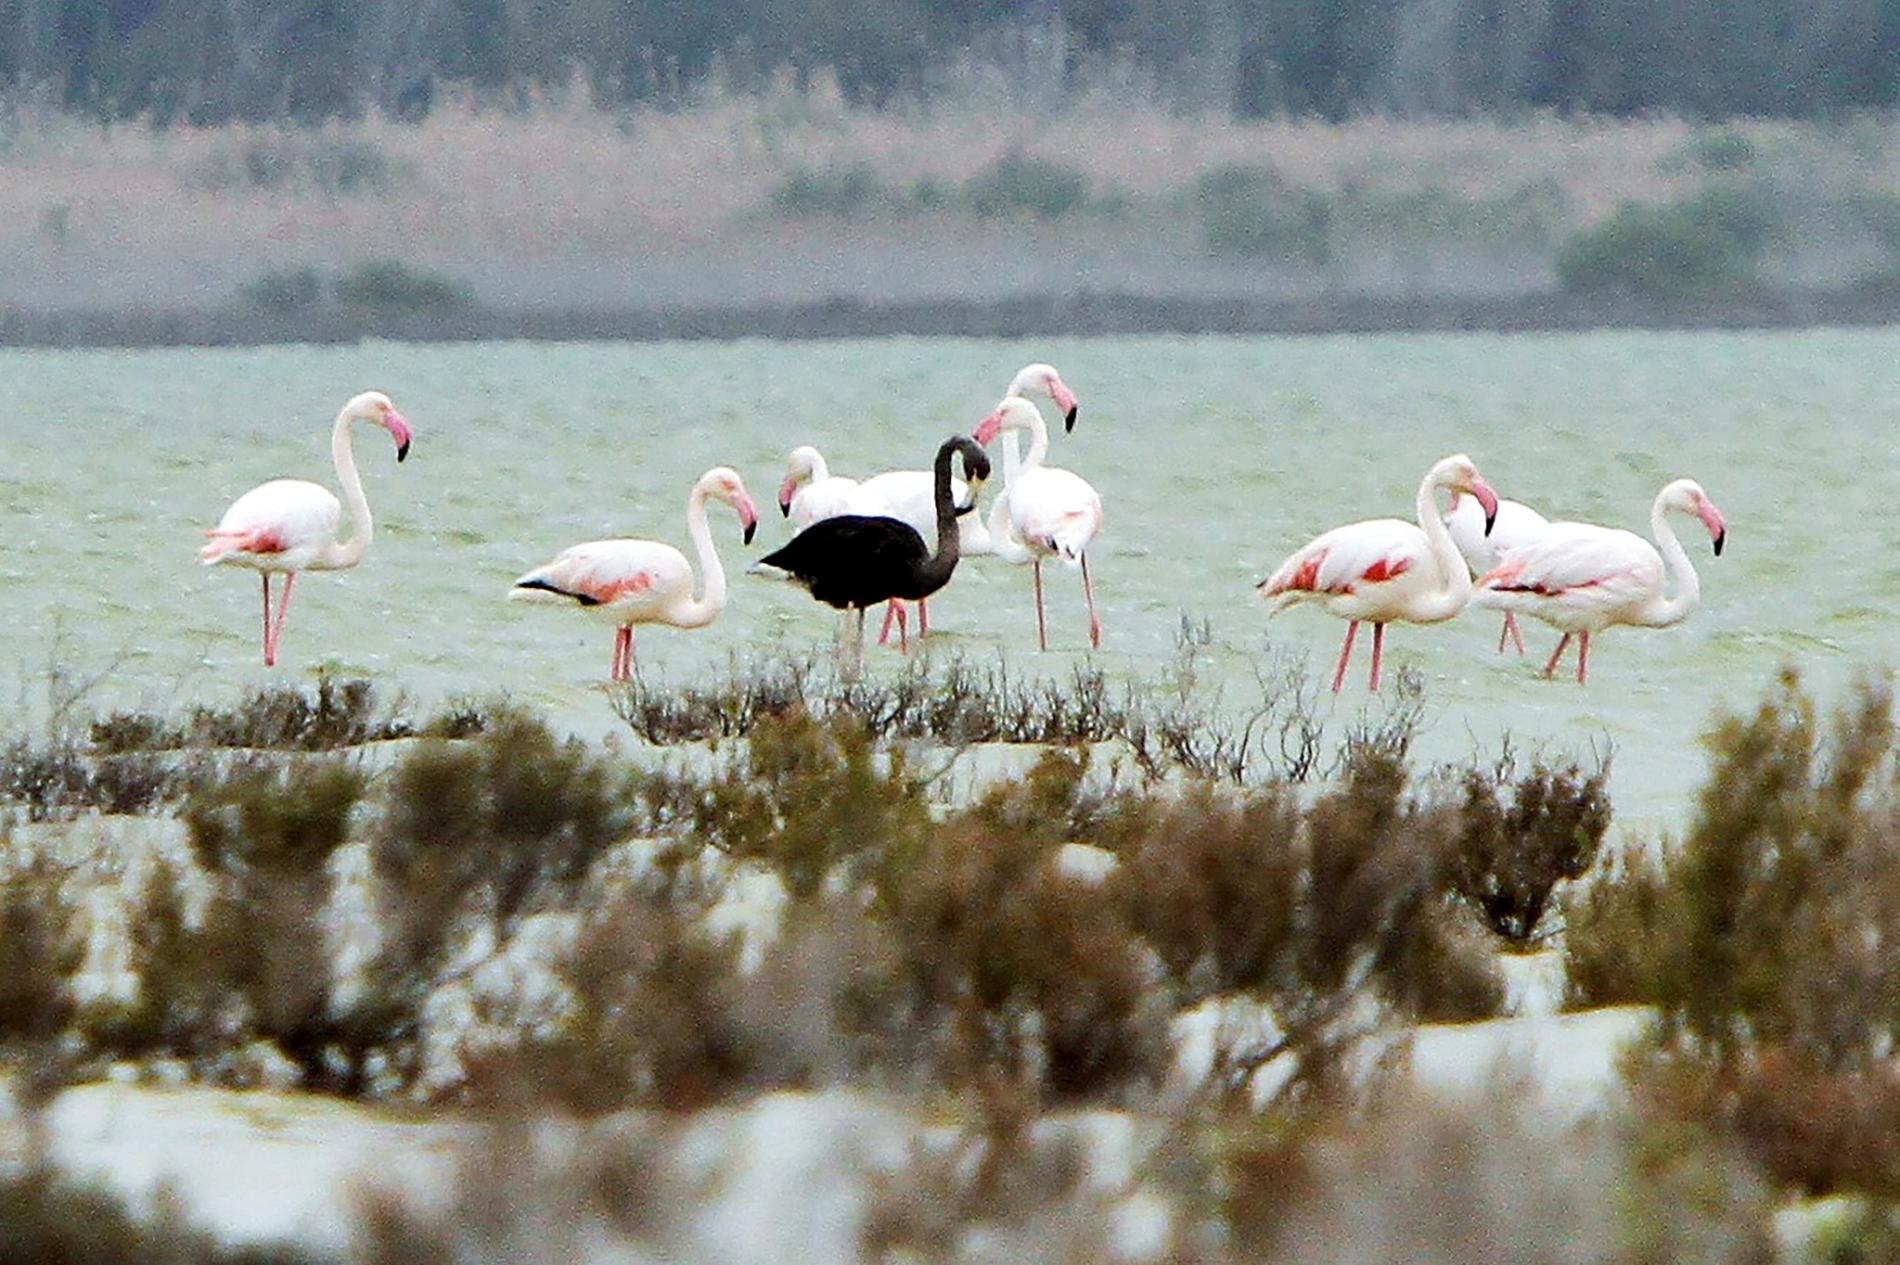 Hình ảnh chim hồng hạc săn mồi hình ảnh đẹp nhất